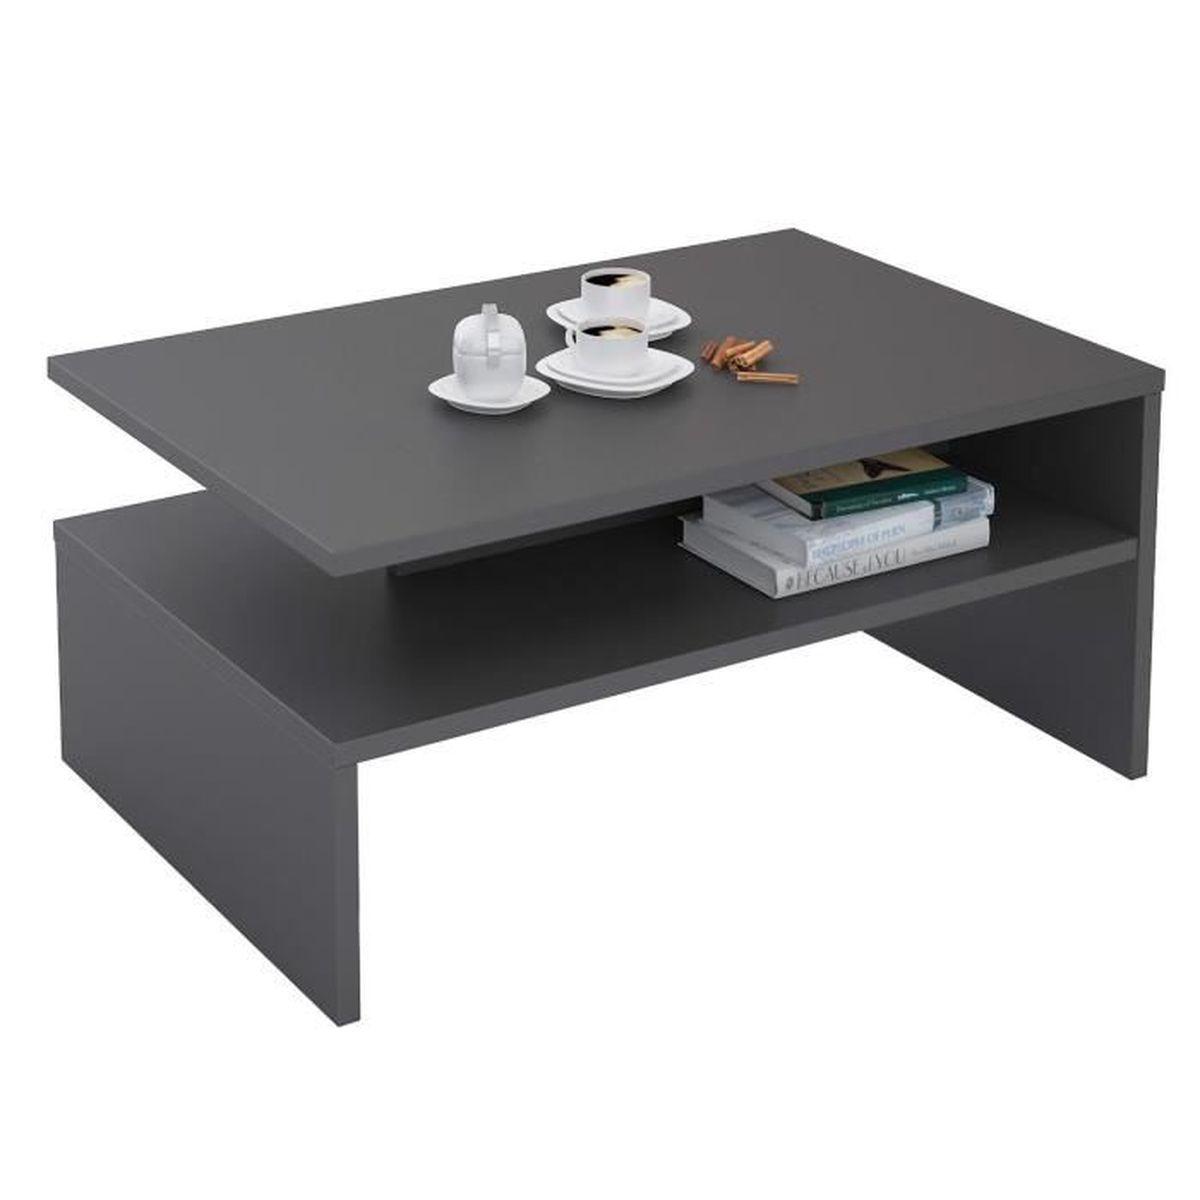 Table basse de salon rectangulaire avec rangement mélaminé décor